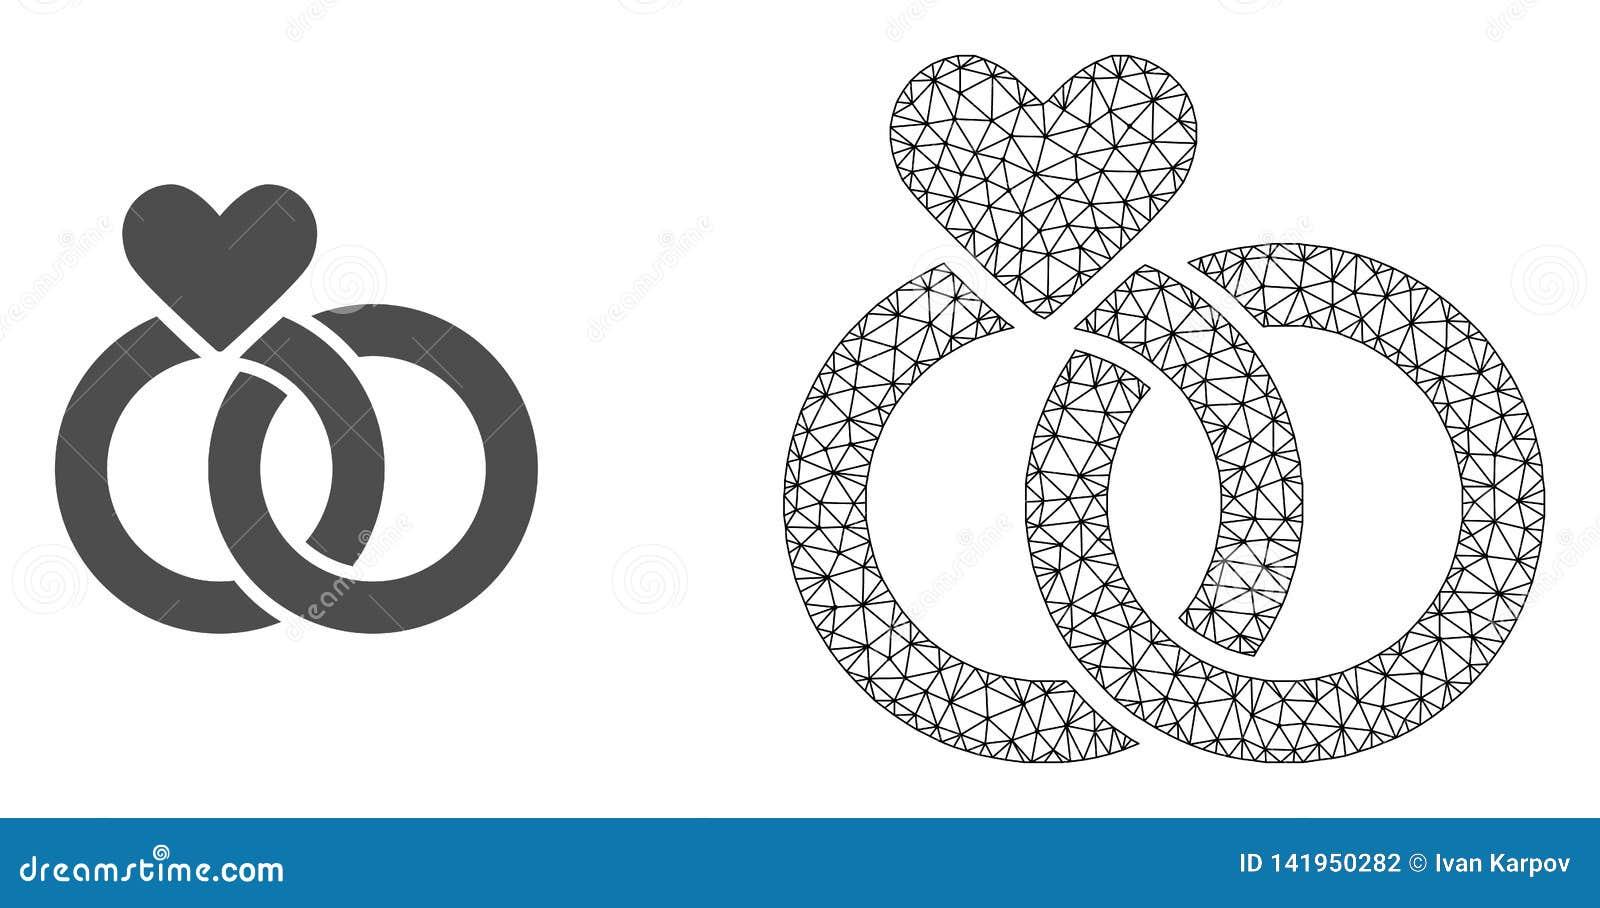 Carcasse Mesh Wedding Rings de vecteur et icône plate